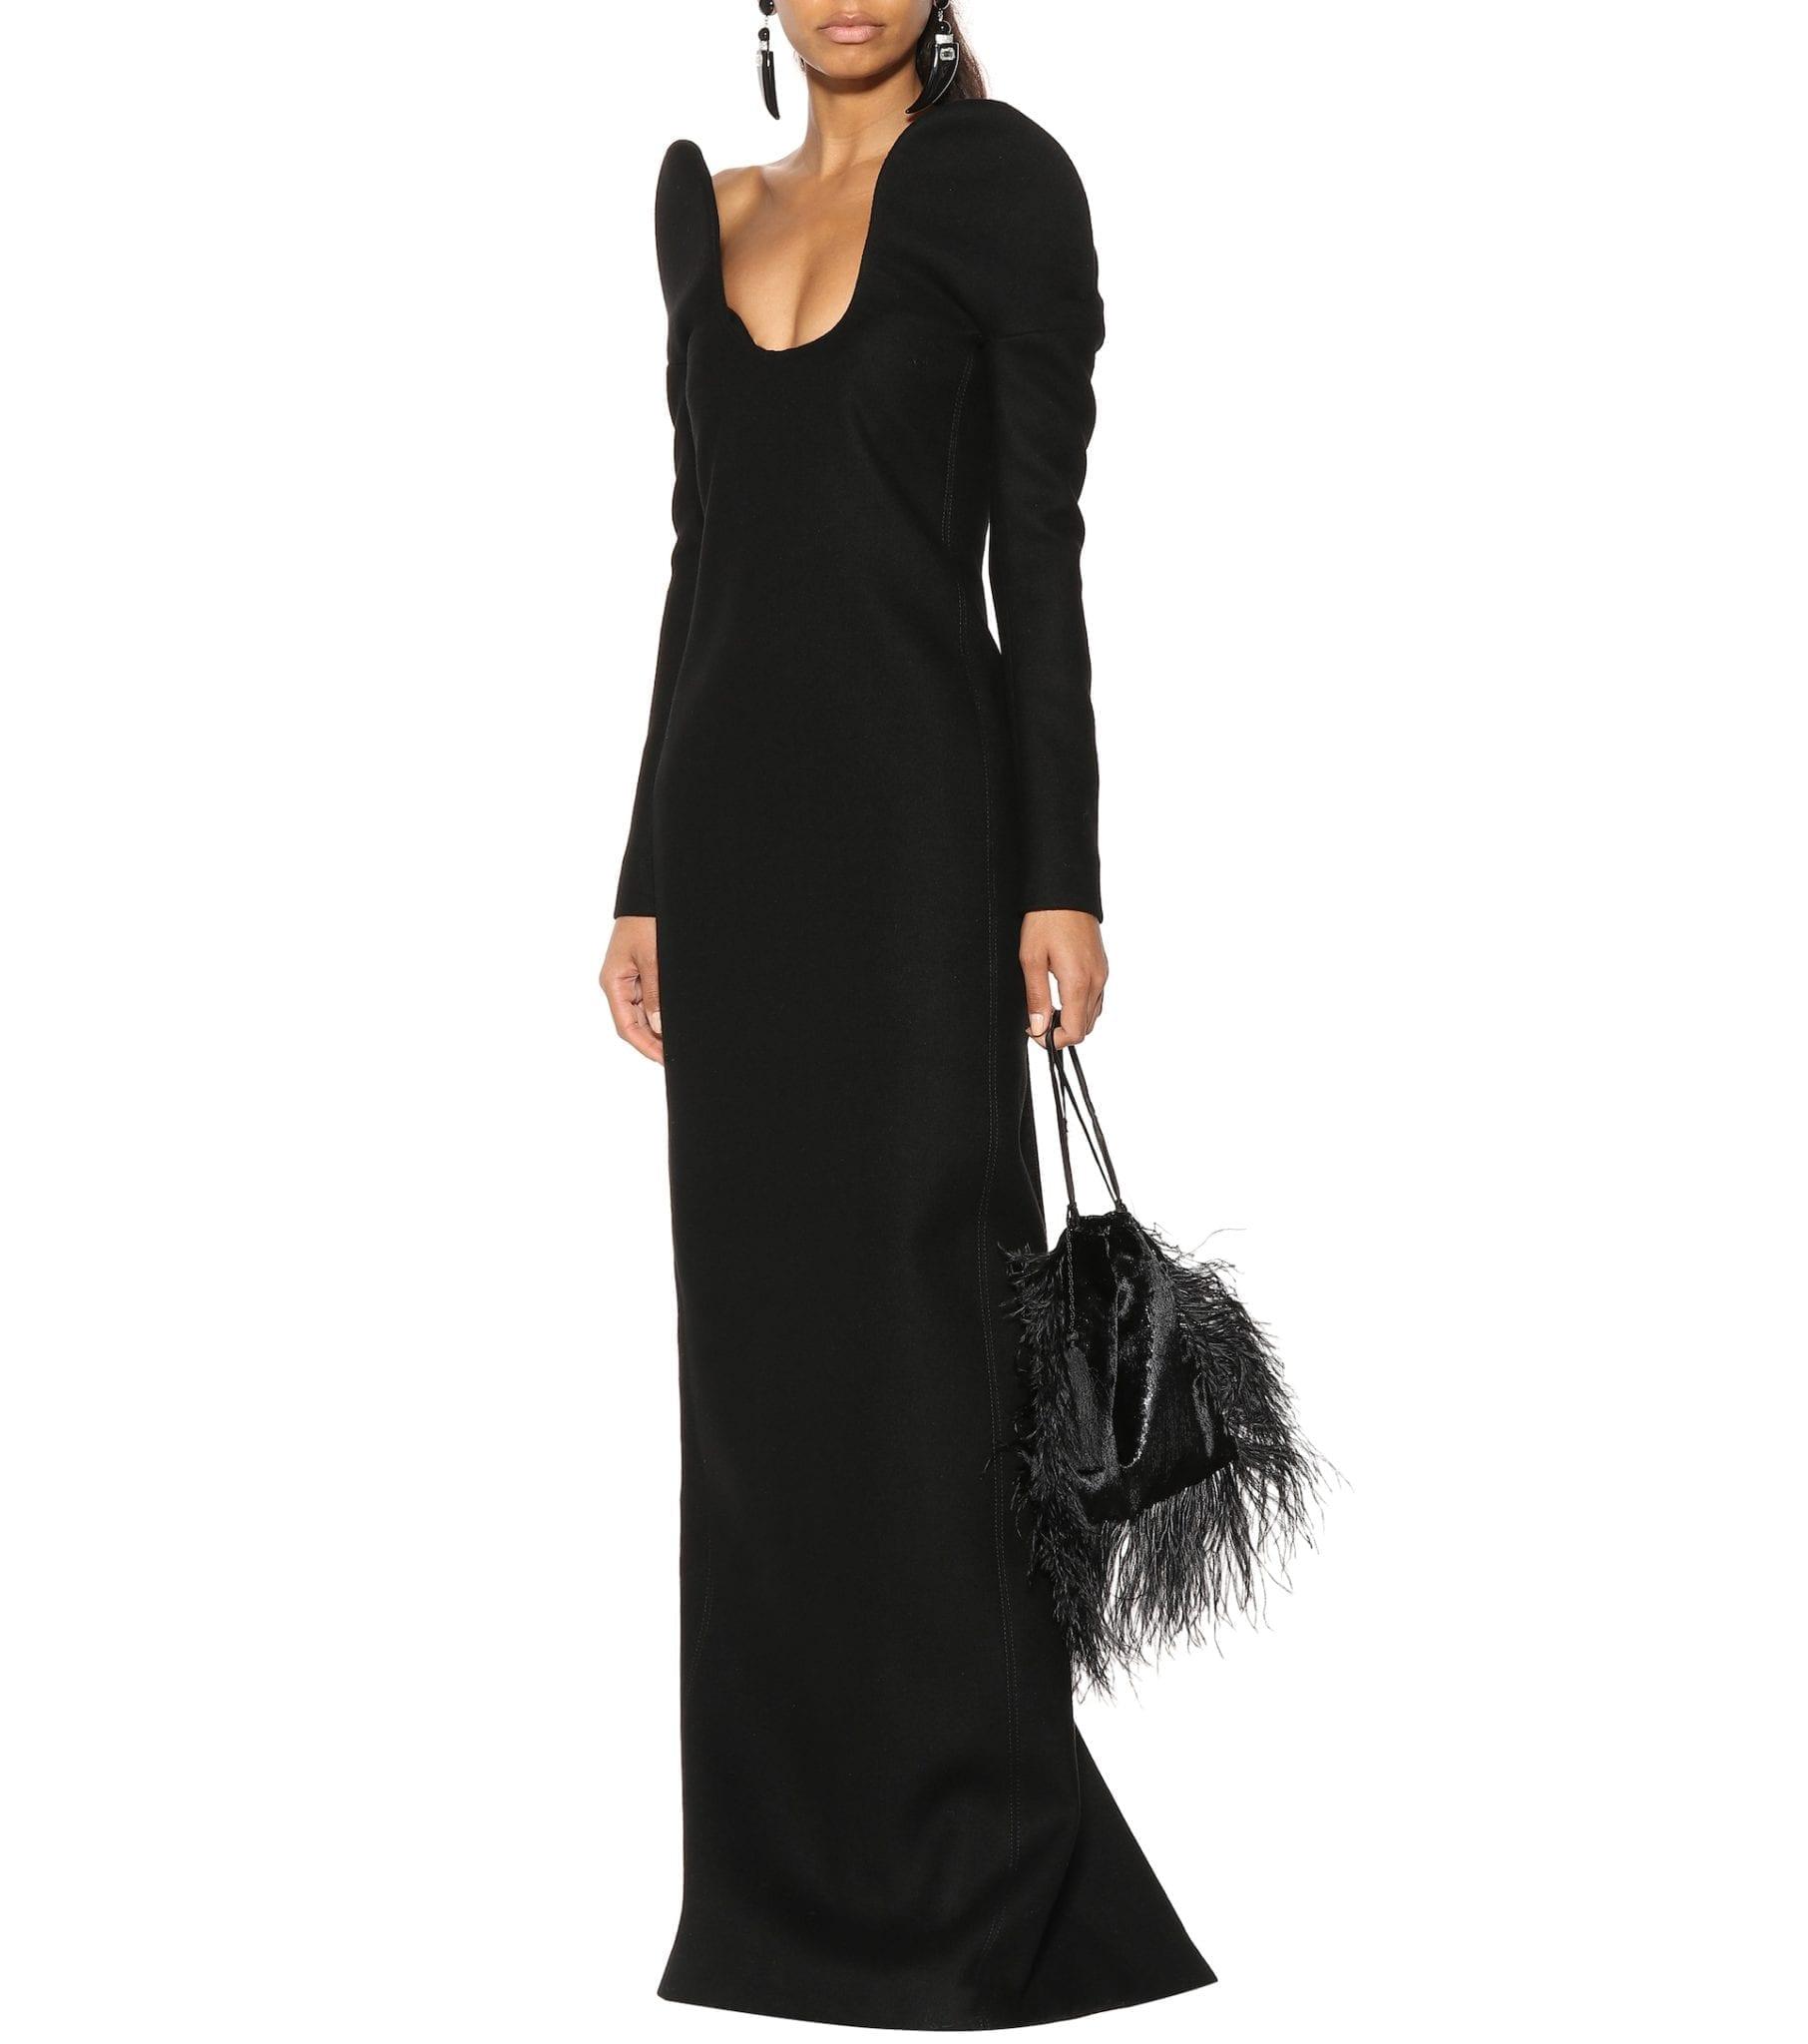 SAINT LAURENT Drap De Laine Column Black Dress